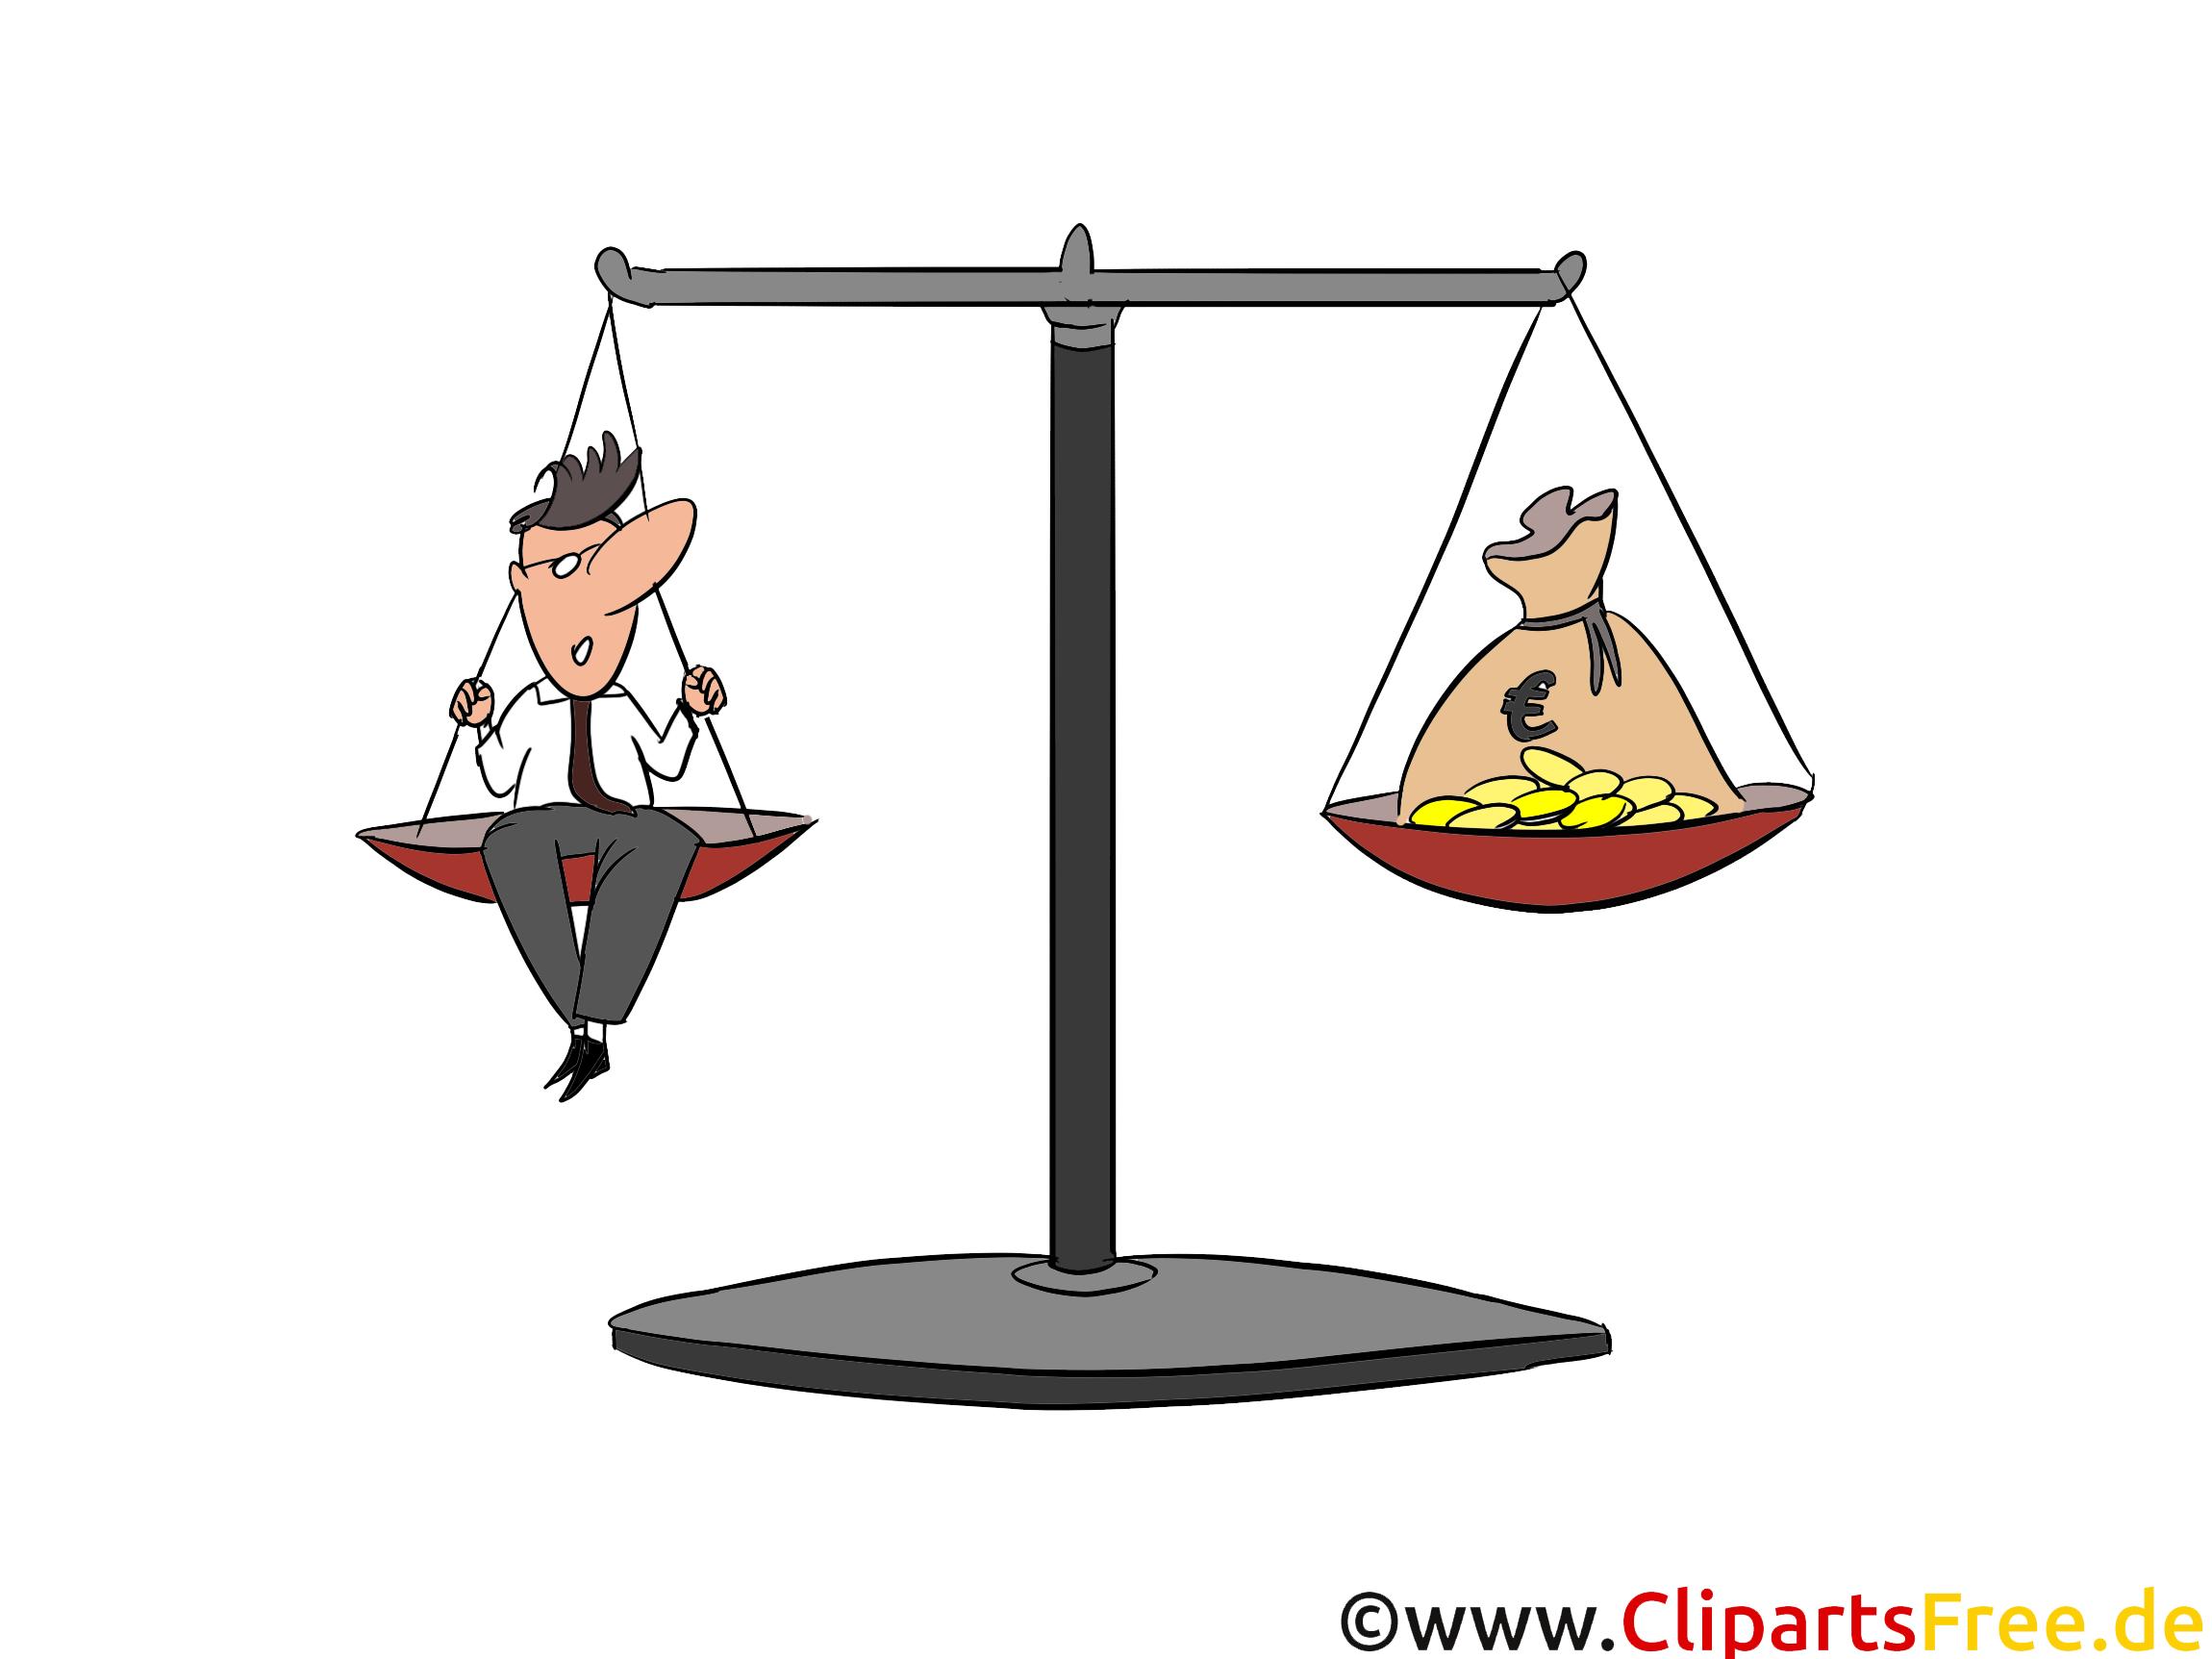 Balance images argent dessins gratuits argent dessin picture image graphic clip art - Dessin de balance ...